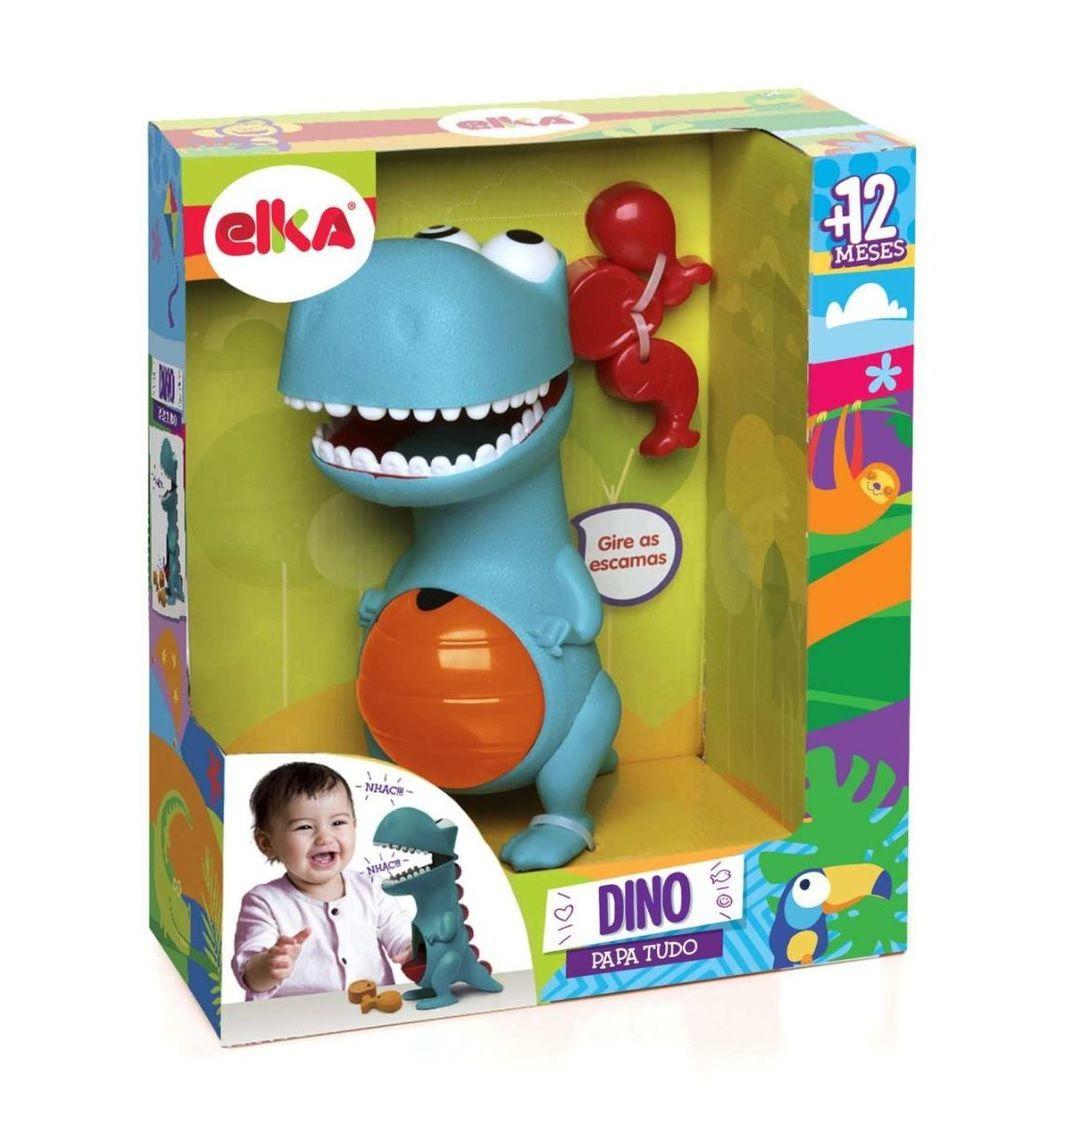 Dino Papa Tudo - Elka